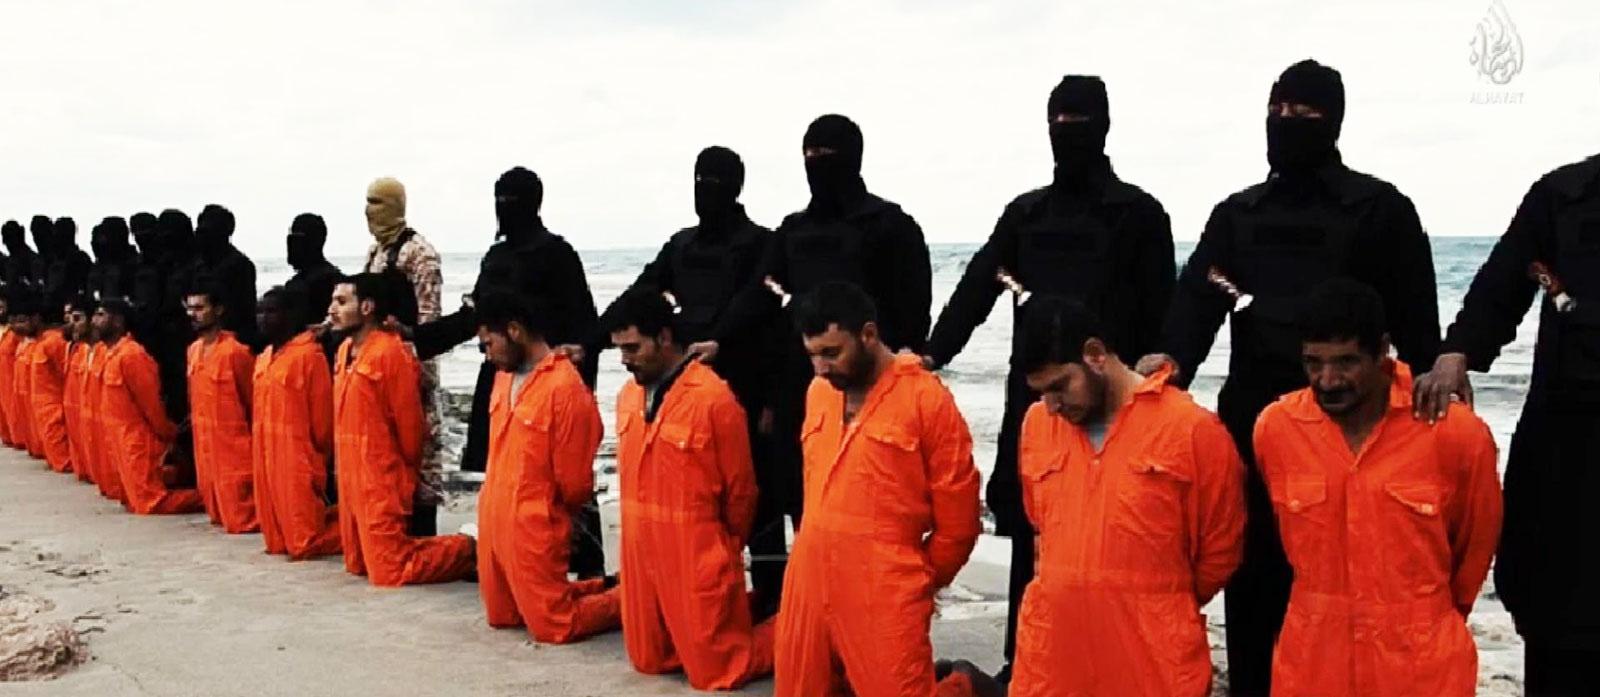 Decapitaciones de cristianos perpetradas por el Estado Islámico